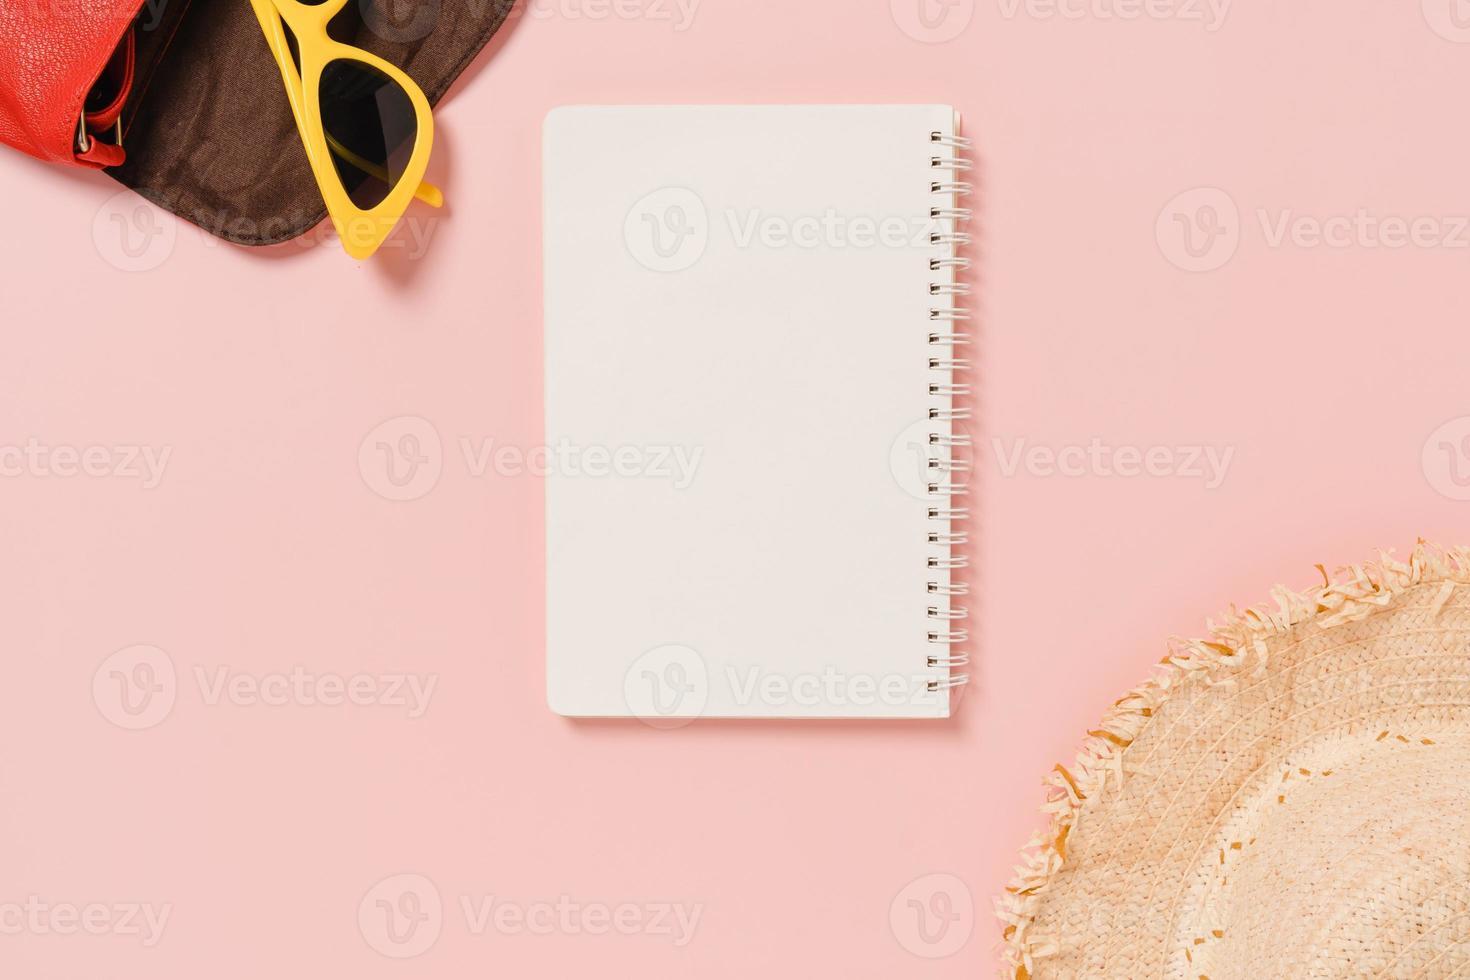 kreativa platta resor semester vår eller sommar tropiskt mode. ovanifrån strandtillbehör öppen mockup svart anteckningsbok för text på pastellbakgrund. ovanifrån håna kopia utrymme fotografering. foto